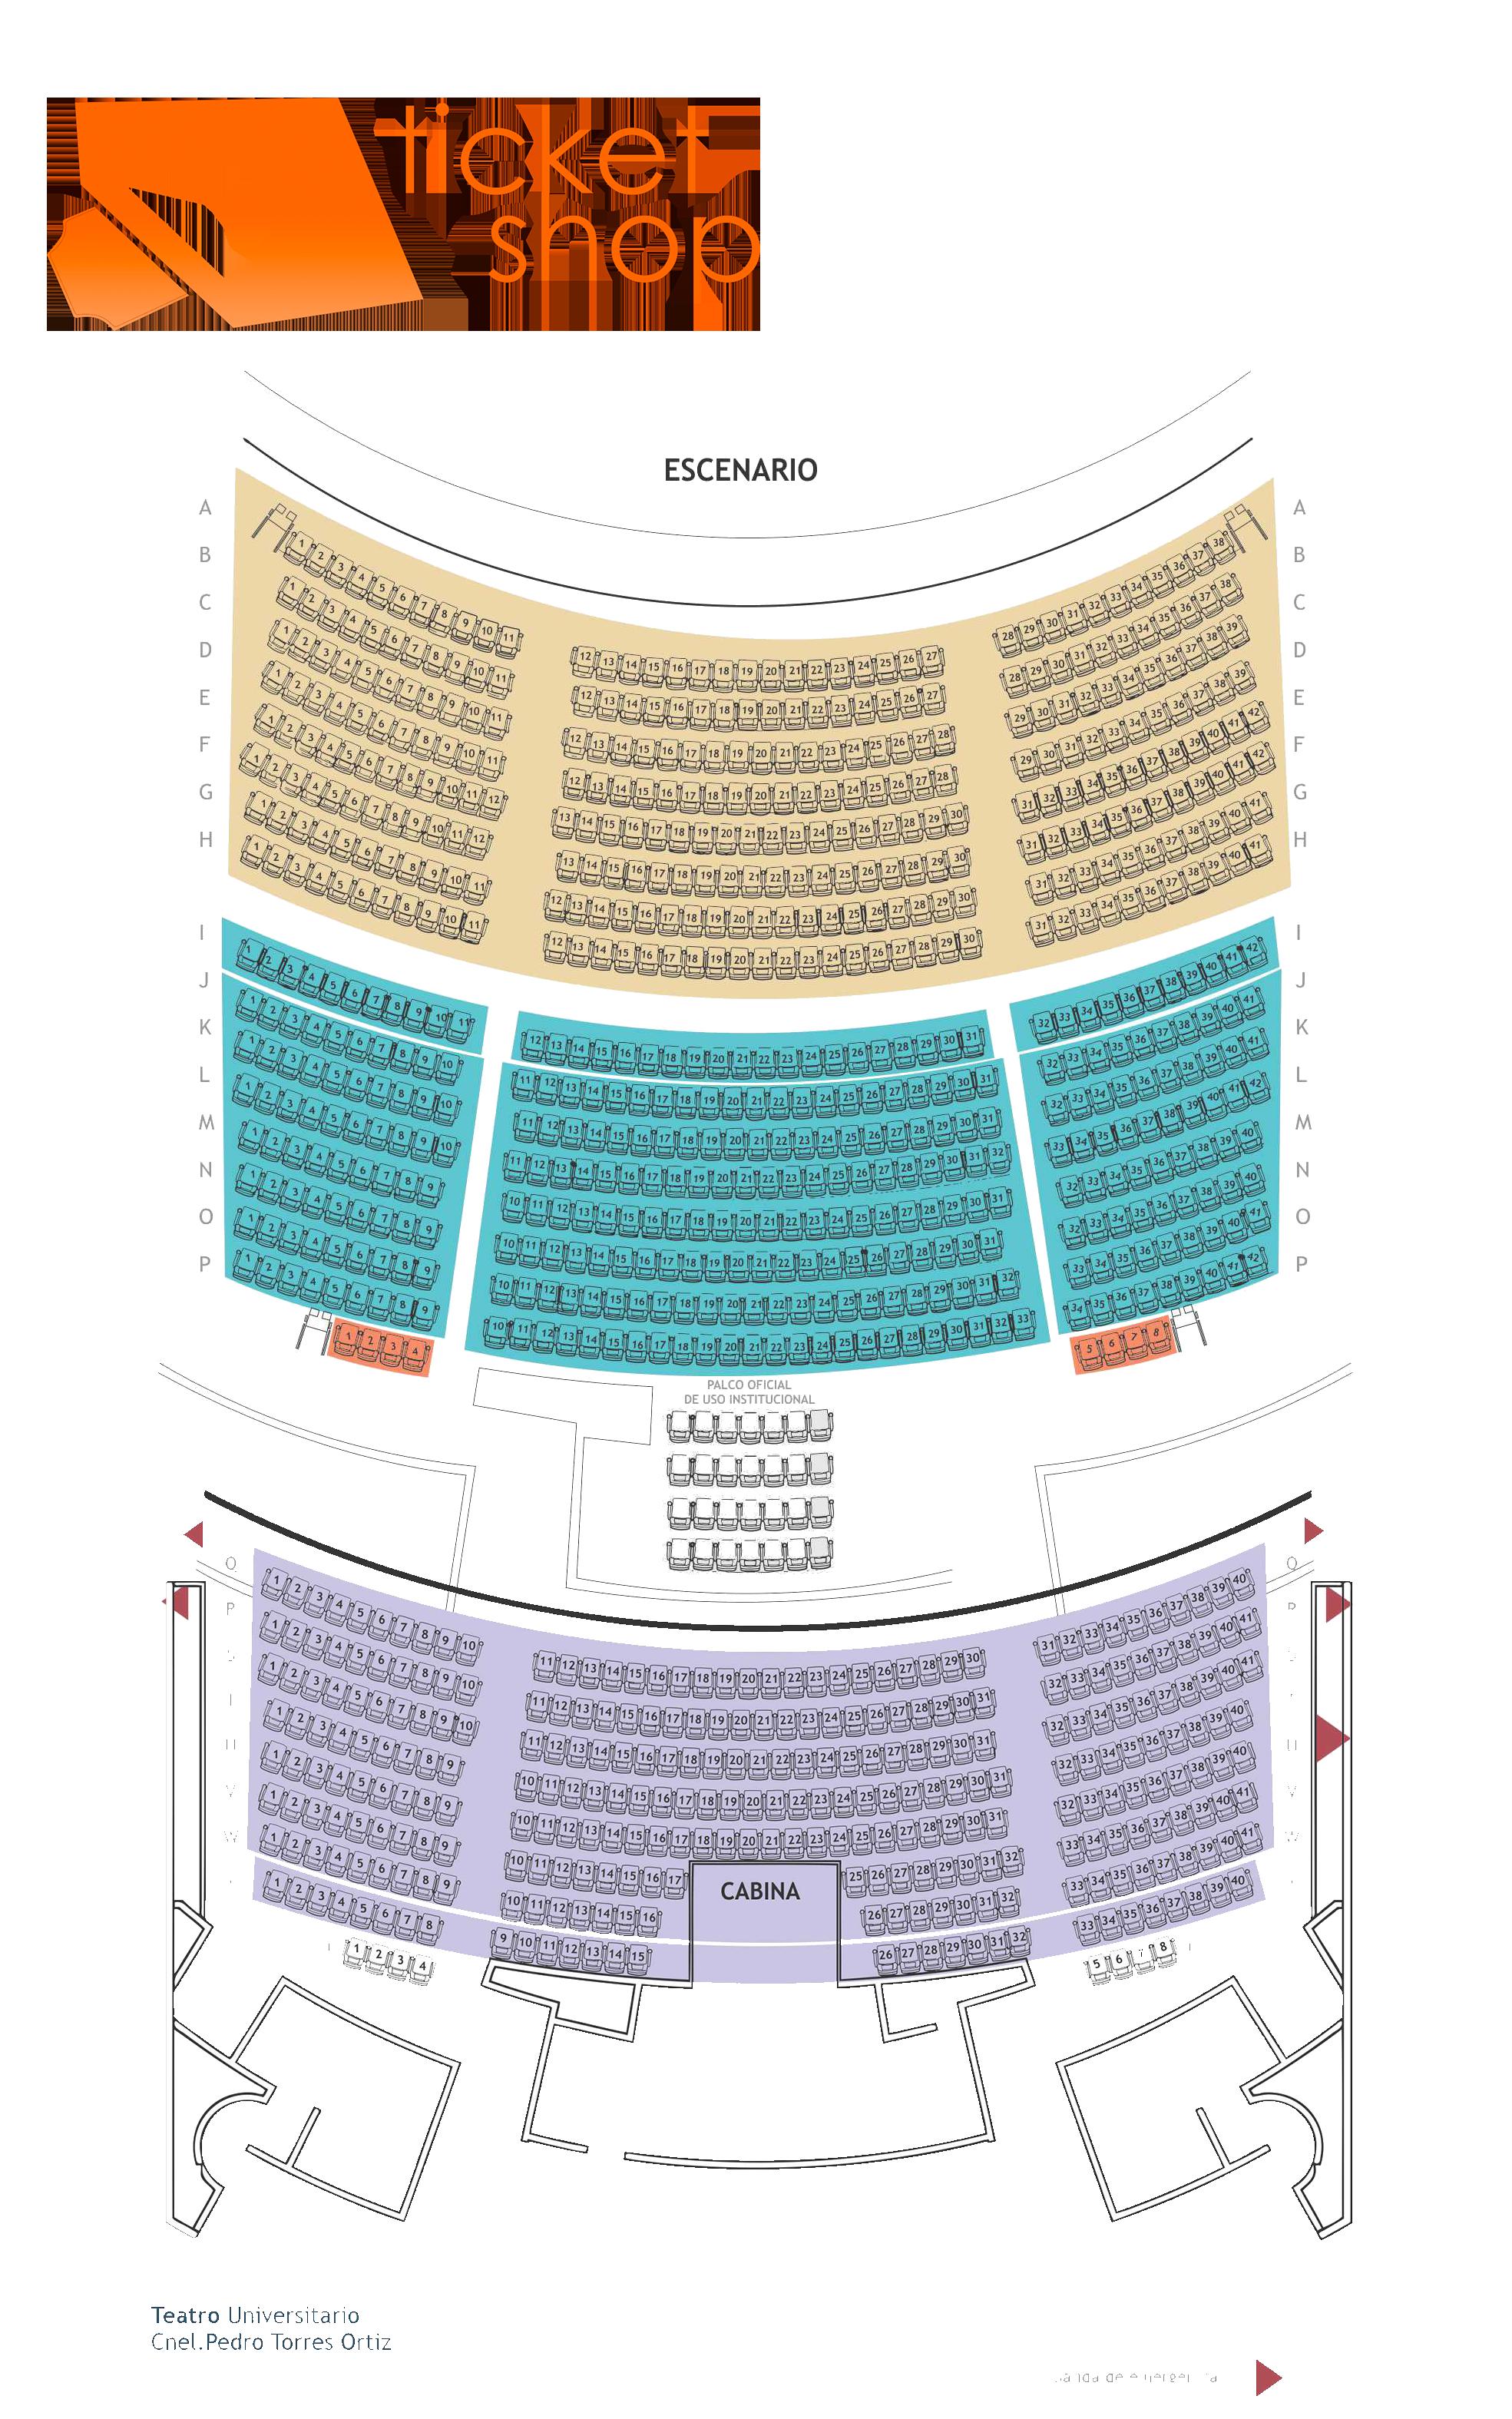 Teatro-Universitario-Cnel-Pedro-Torres-Ortiz